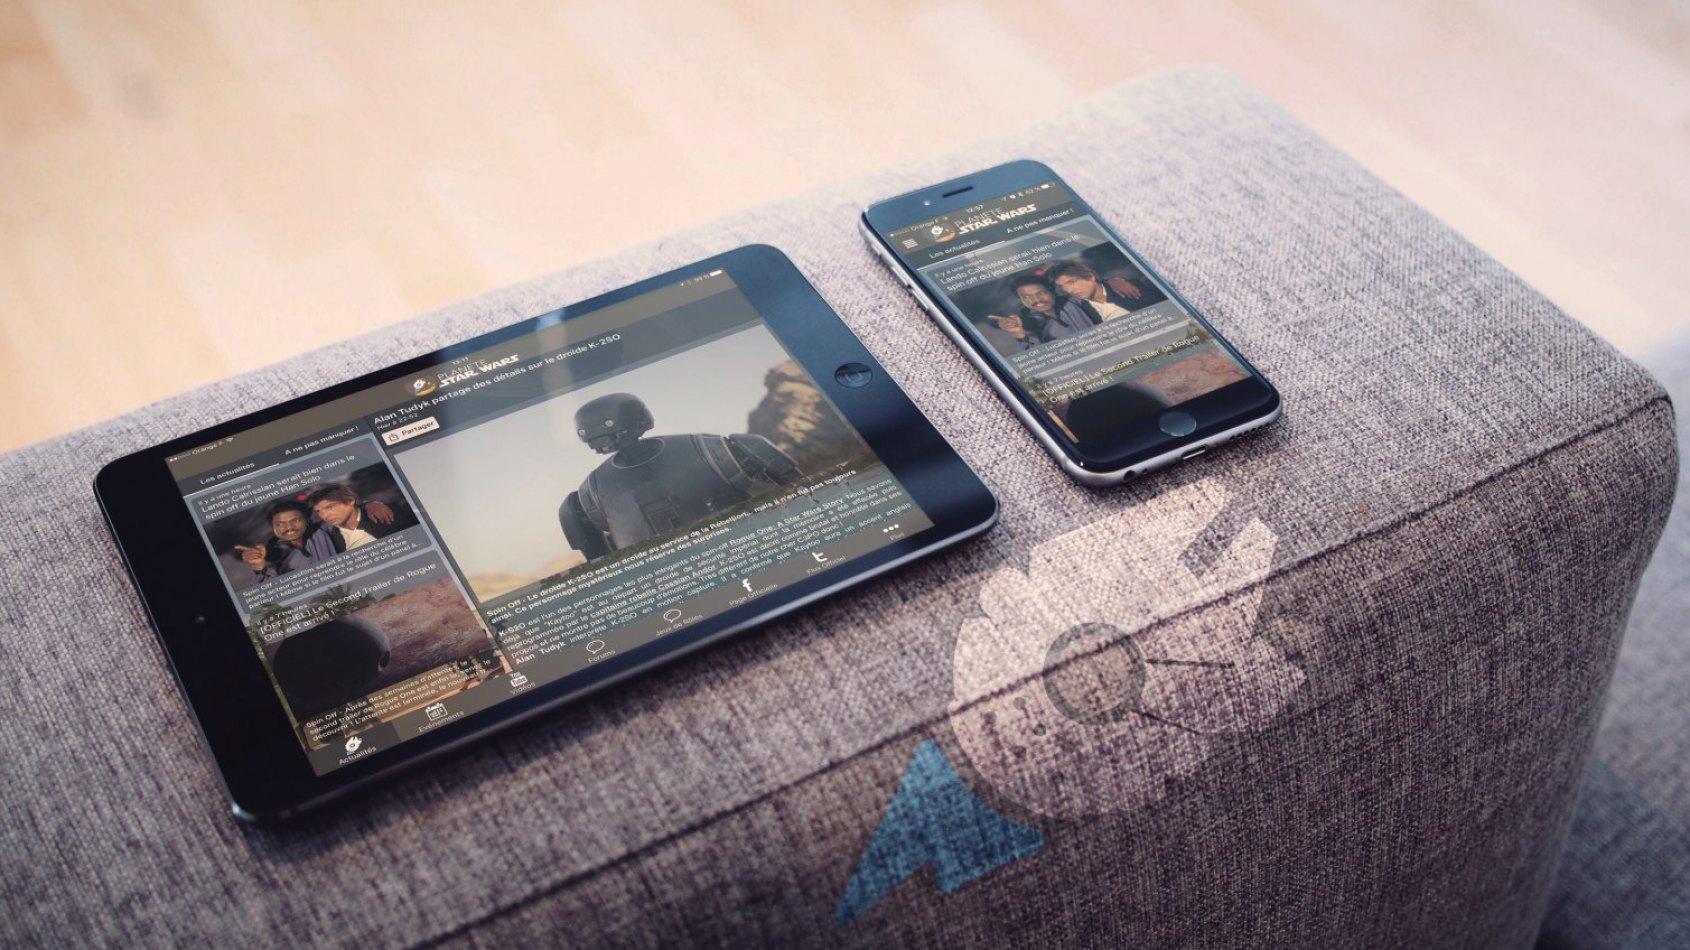 Avez-vous l'application mobile du fan club Star Wars ?